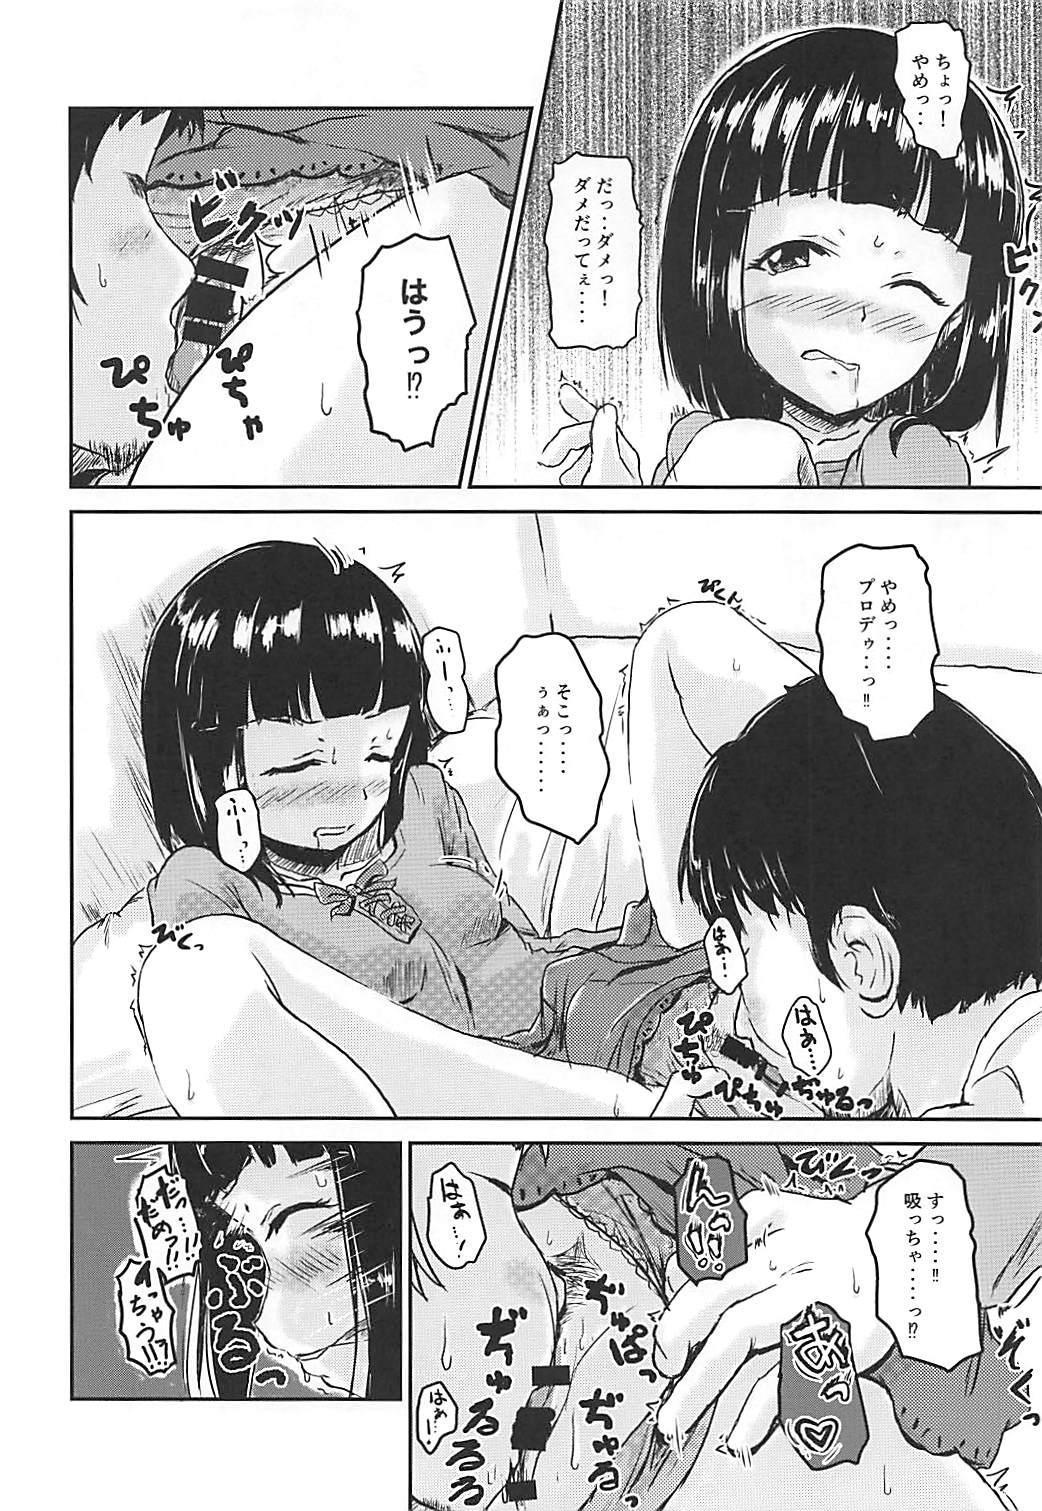 Shin Idol no Pants o Nugasanaide XX Suru Hon 2